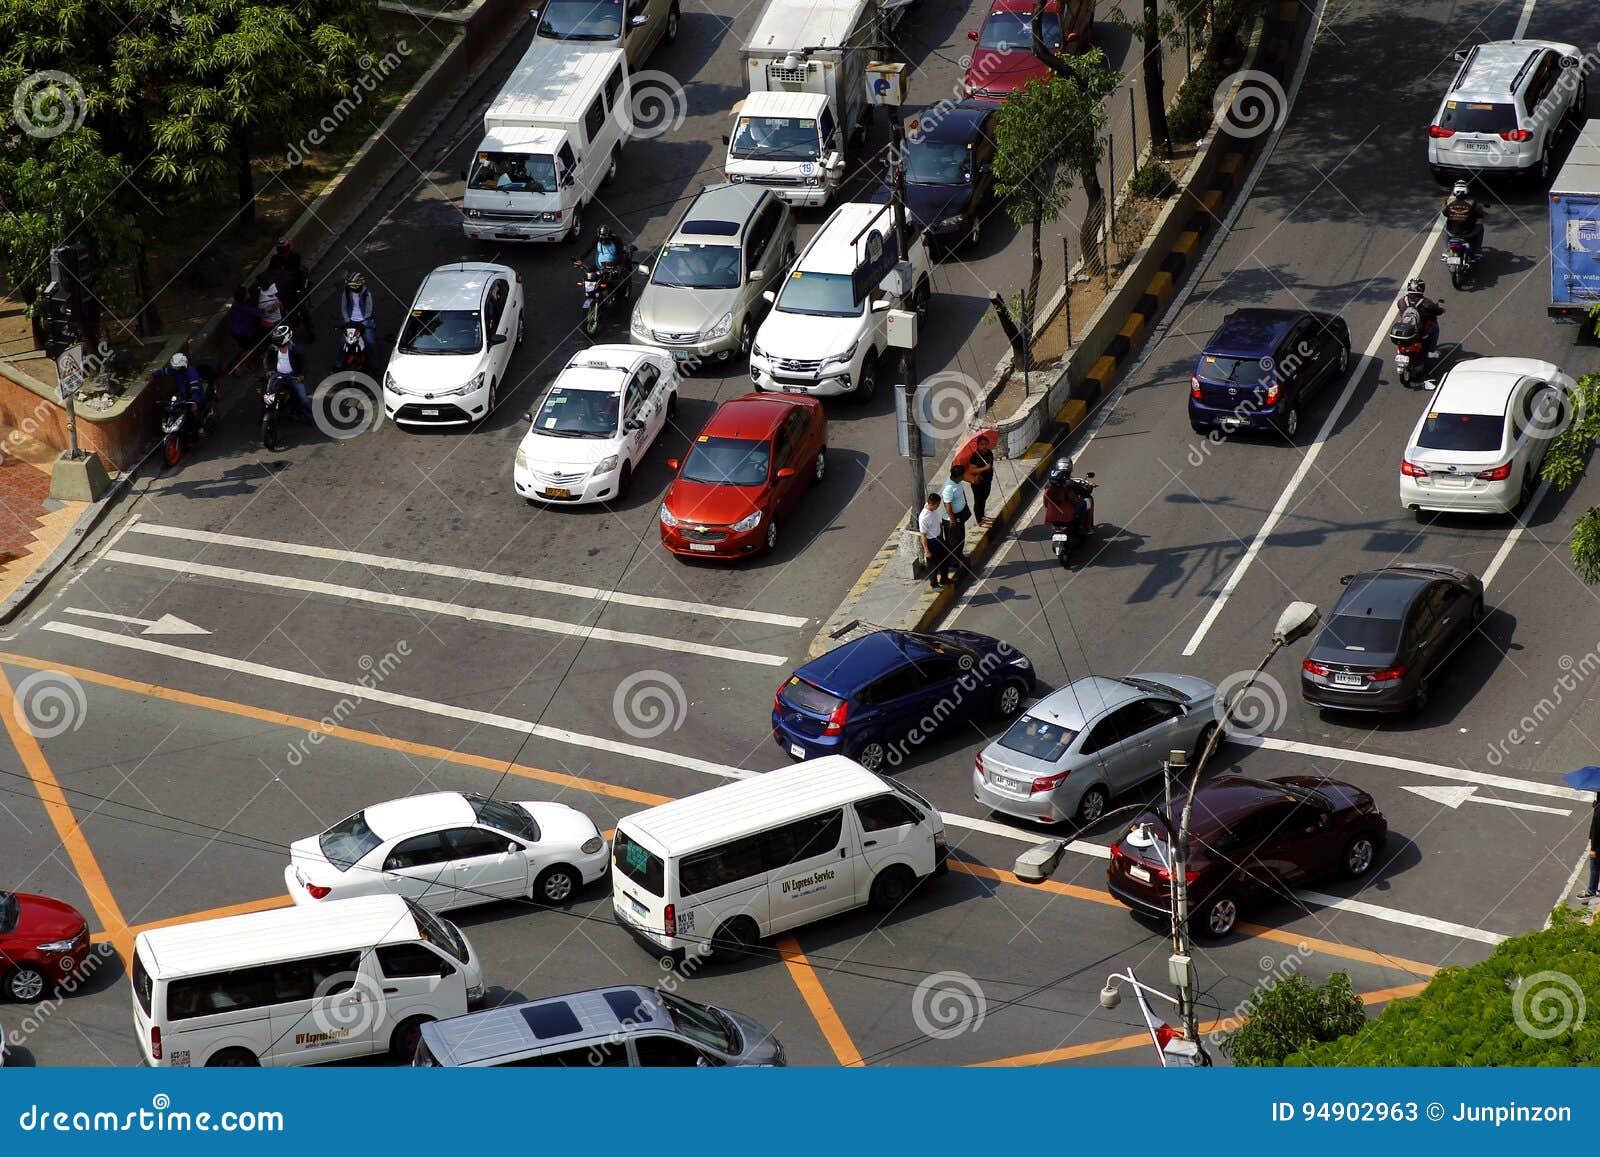 Ιδιωτικά και δημόσια οχήματα σε μια διασταύρωση στη Πάσινγκ, Φιλιππίνες κατά τη διάρκεια της ώρας κυκλοφοριακής αιχμής το πρωί